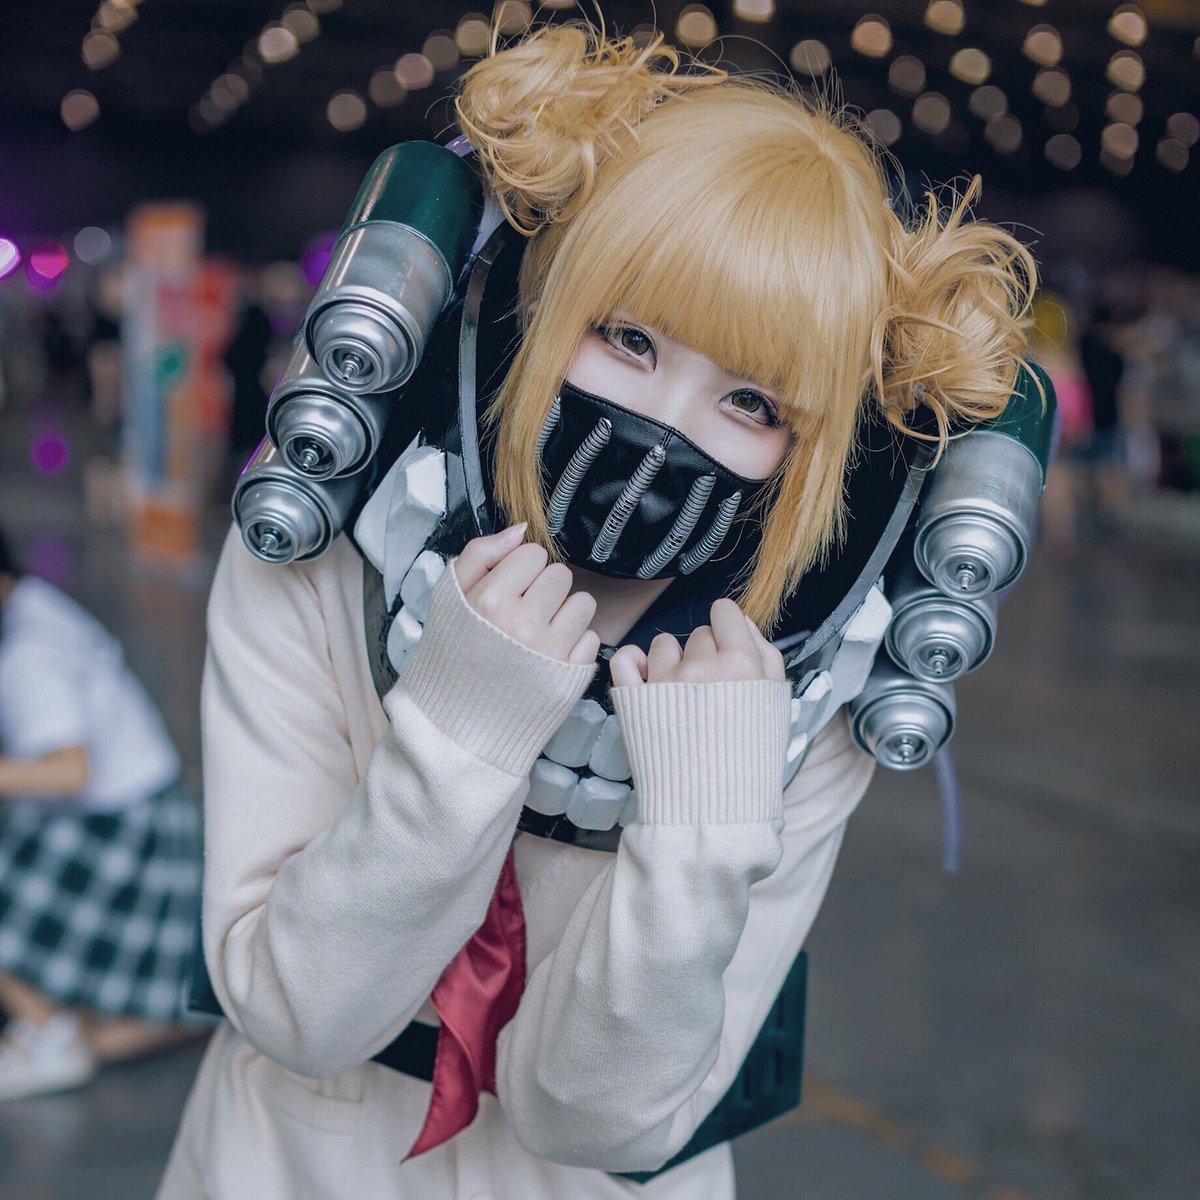 #cosplay#僕のヒーローアカデミア #トガヒミコ #渡我被身子🖤トガヒミコ 寫真 Dark様